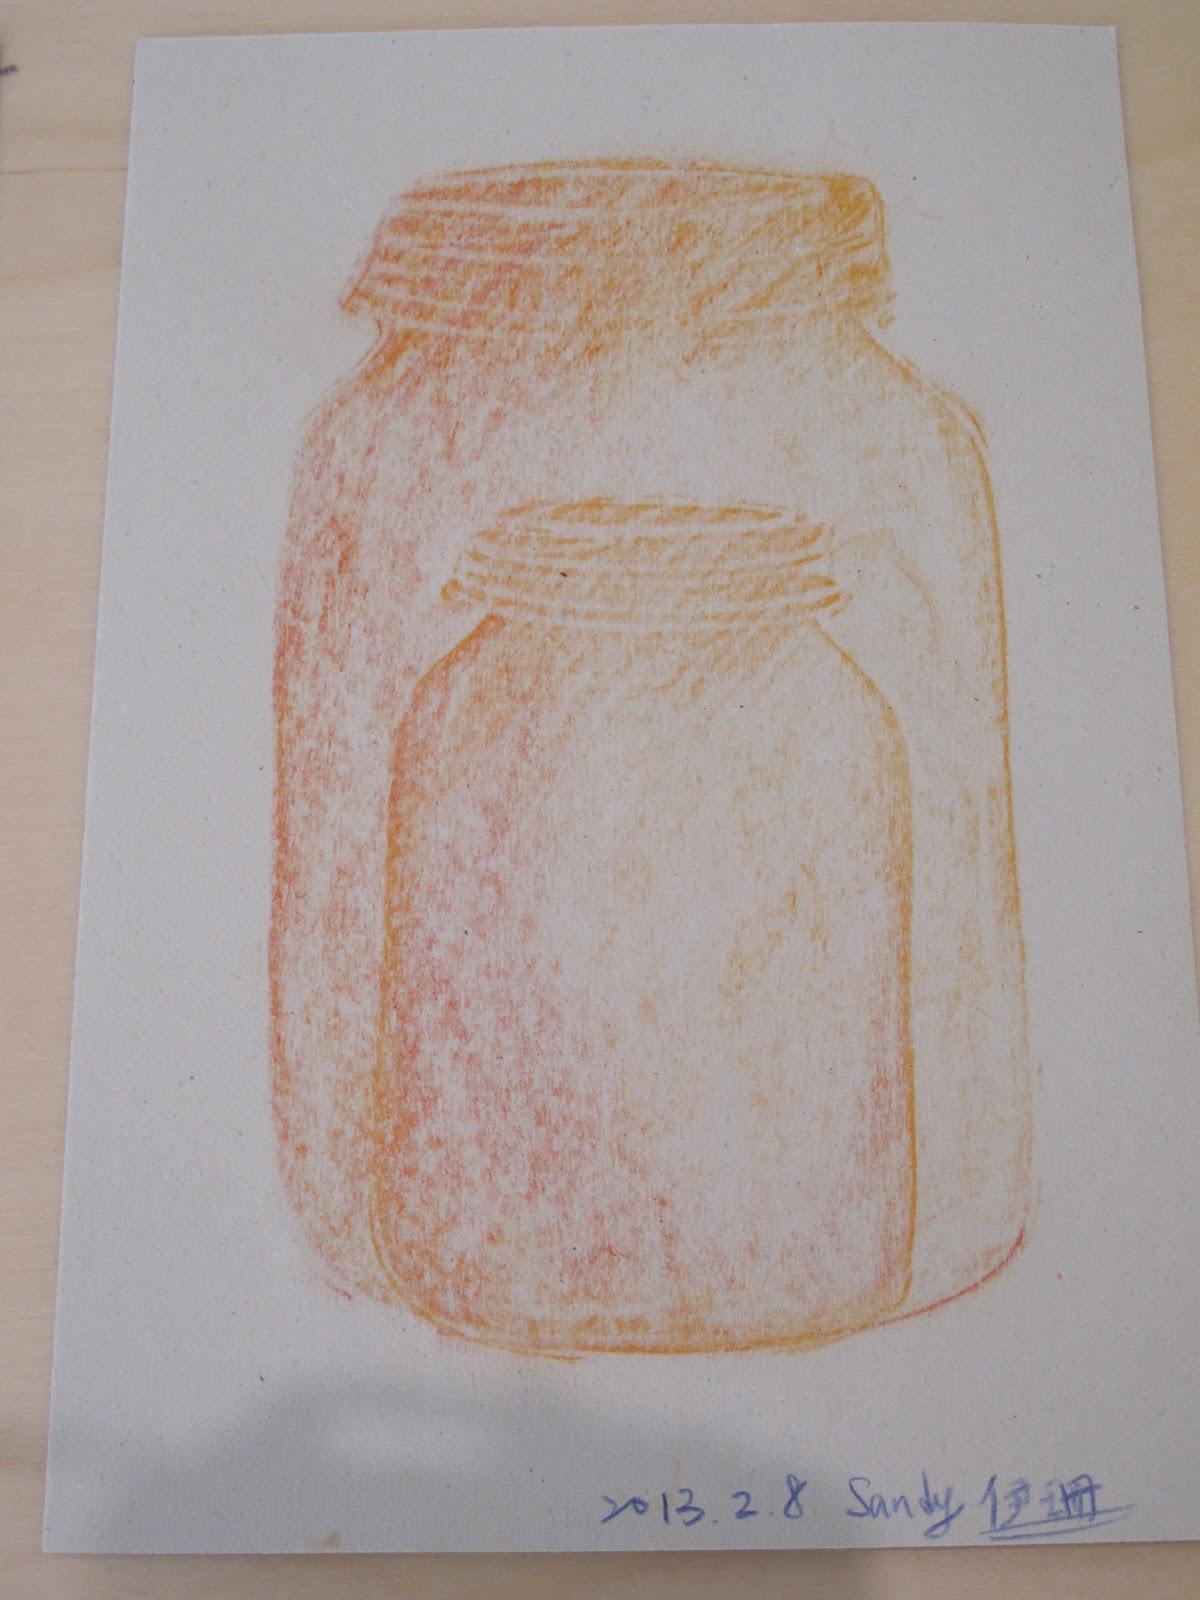 http://rfacdn.nz/artgallery/assets/media/blog-creative-experiment-3.jpg